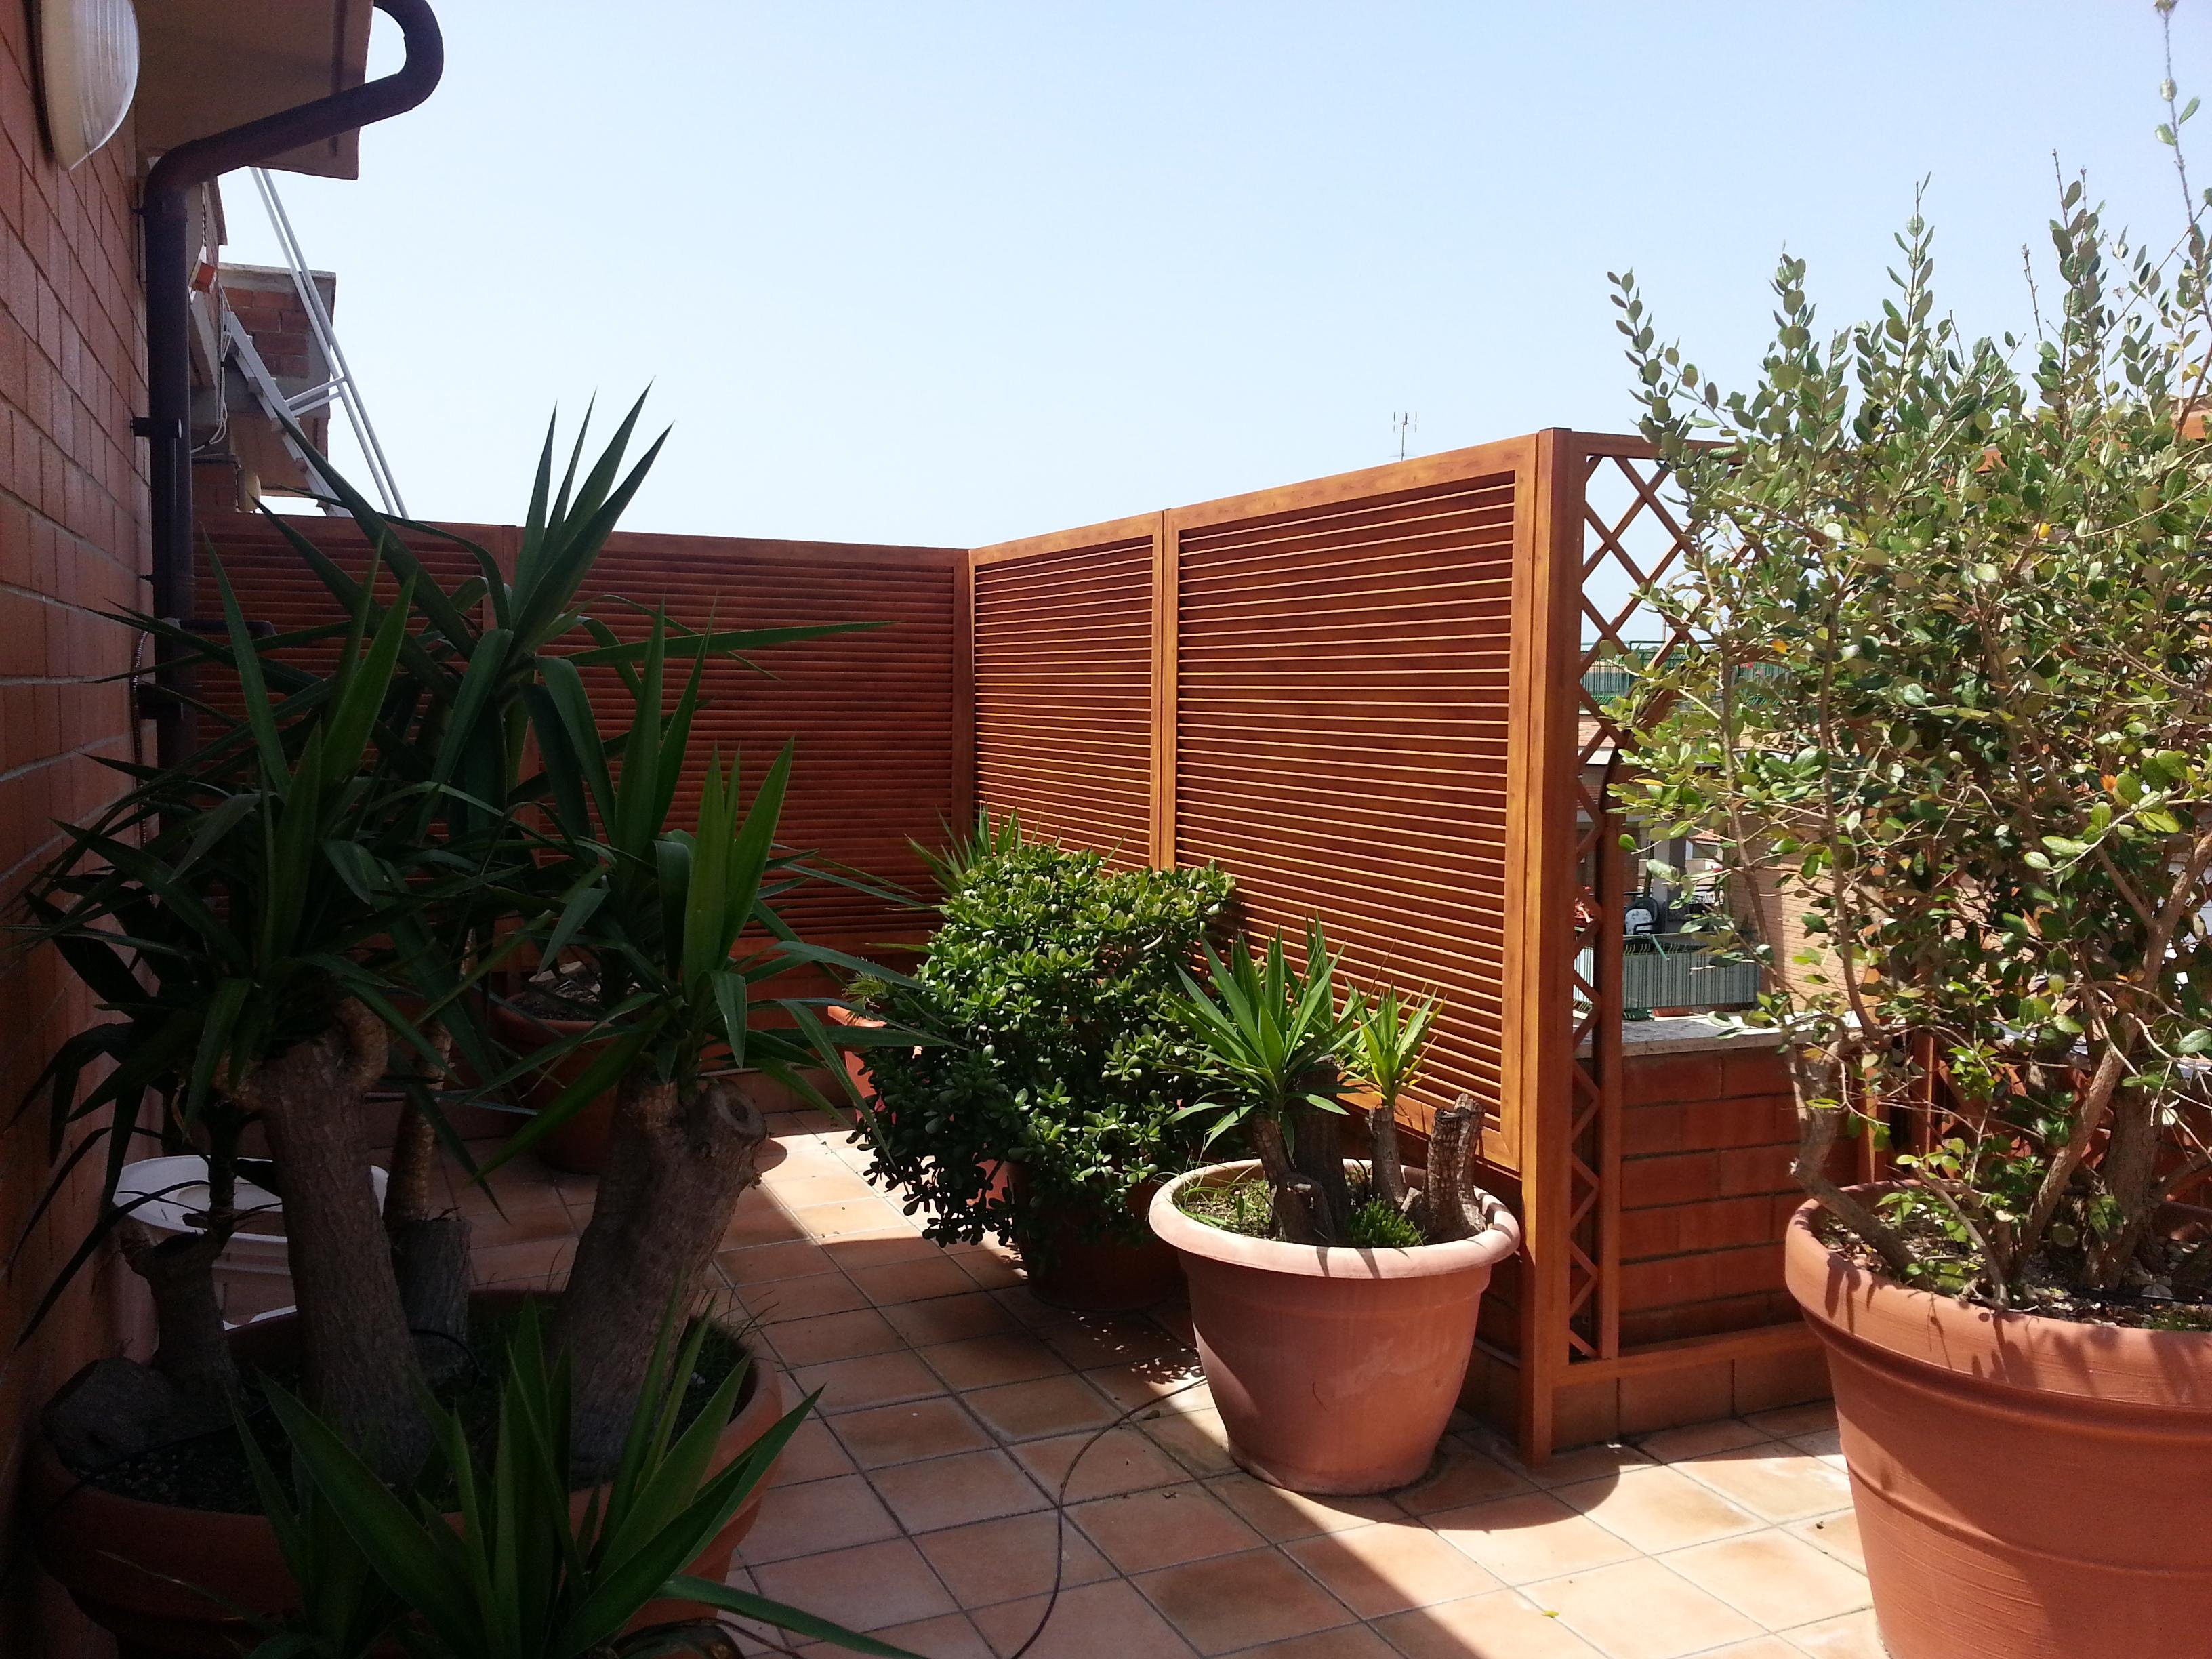 Fotografia di un Frangivista in alluminio legno colore castagno a persiana inclinata. Montaggio a Santa Marinella.